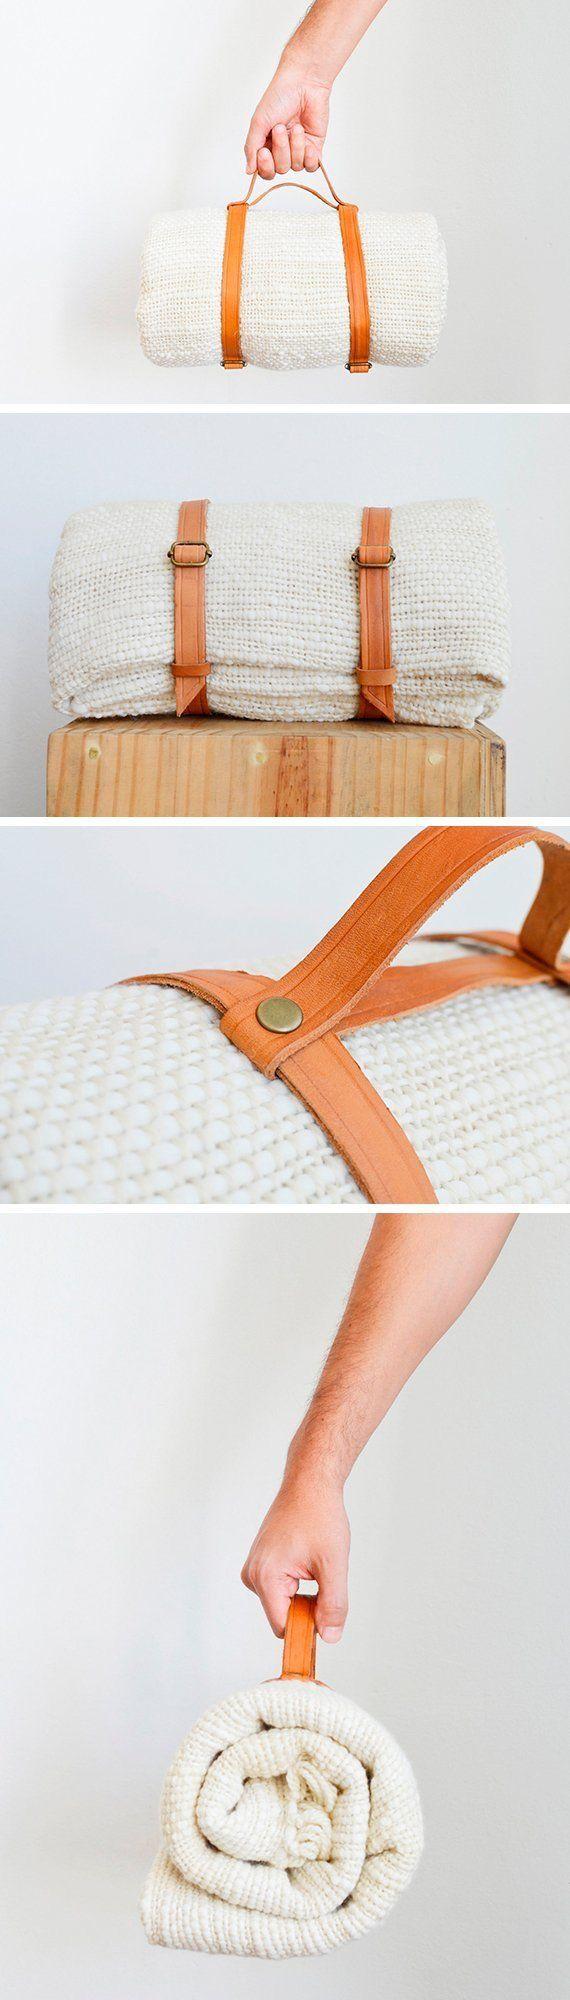 Mejores 9 imágenes de bolsas en Pinterest | Billeteras, Fieltro y ...